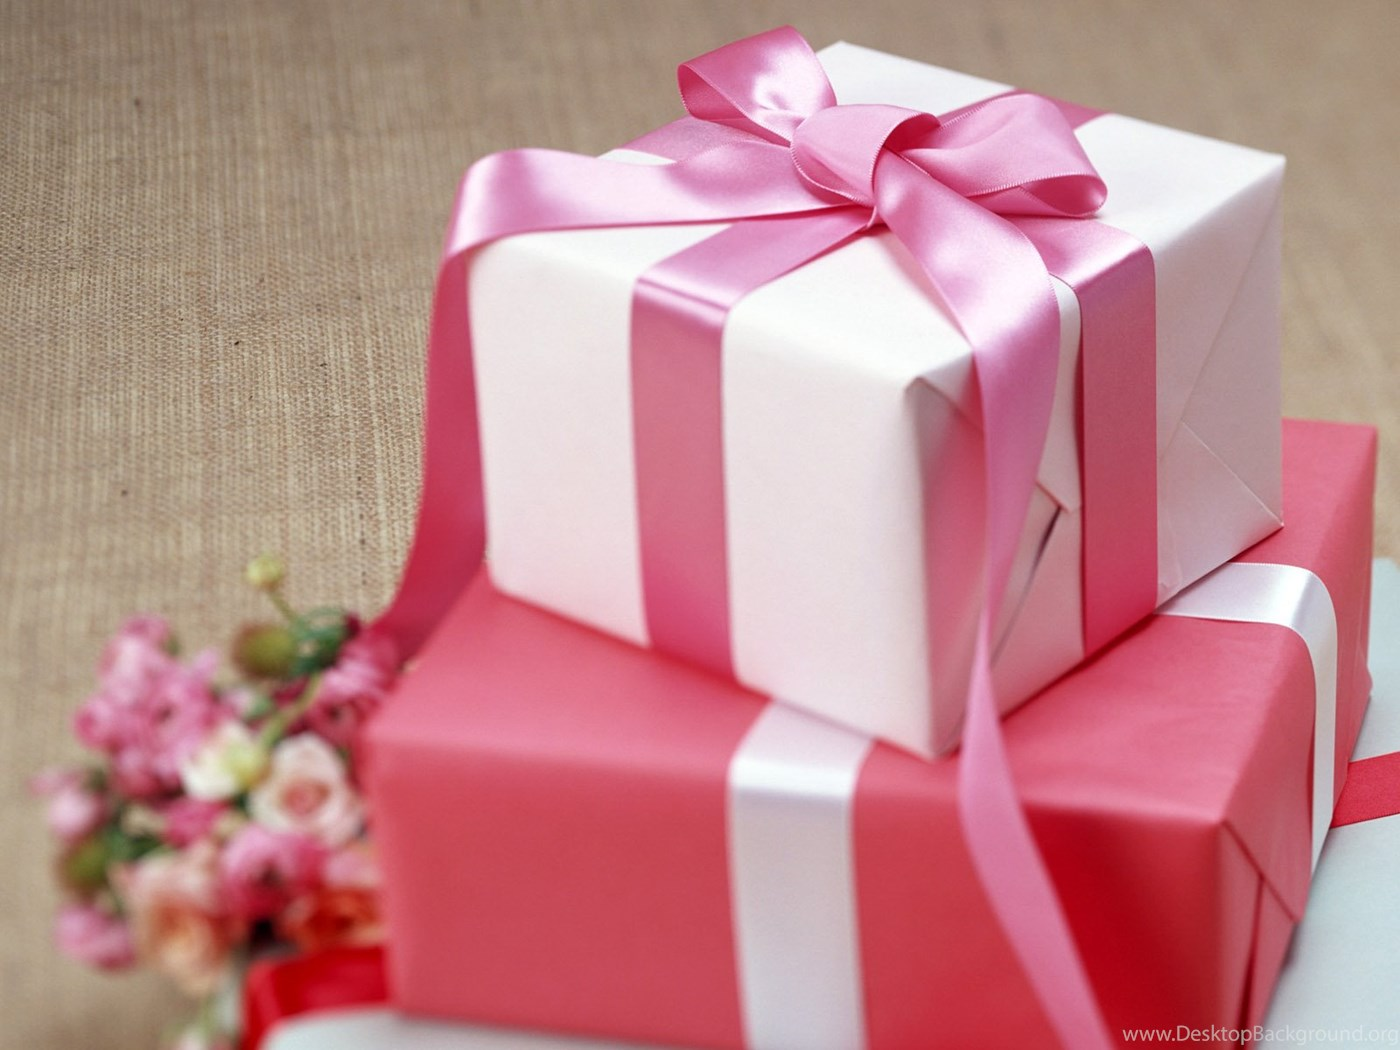 Подарки и сюрпризы фото